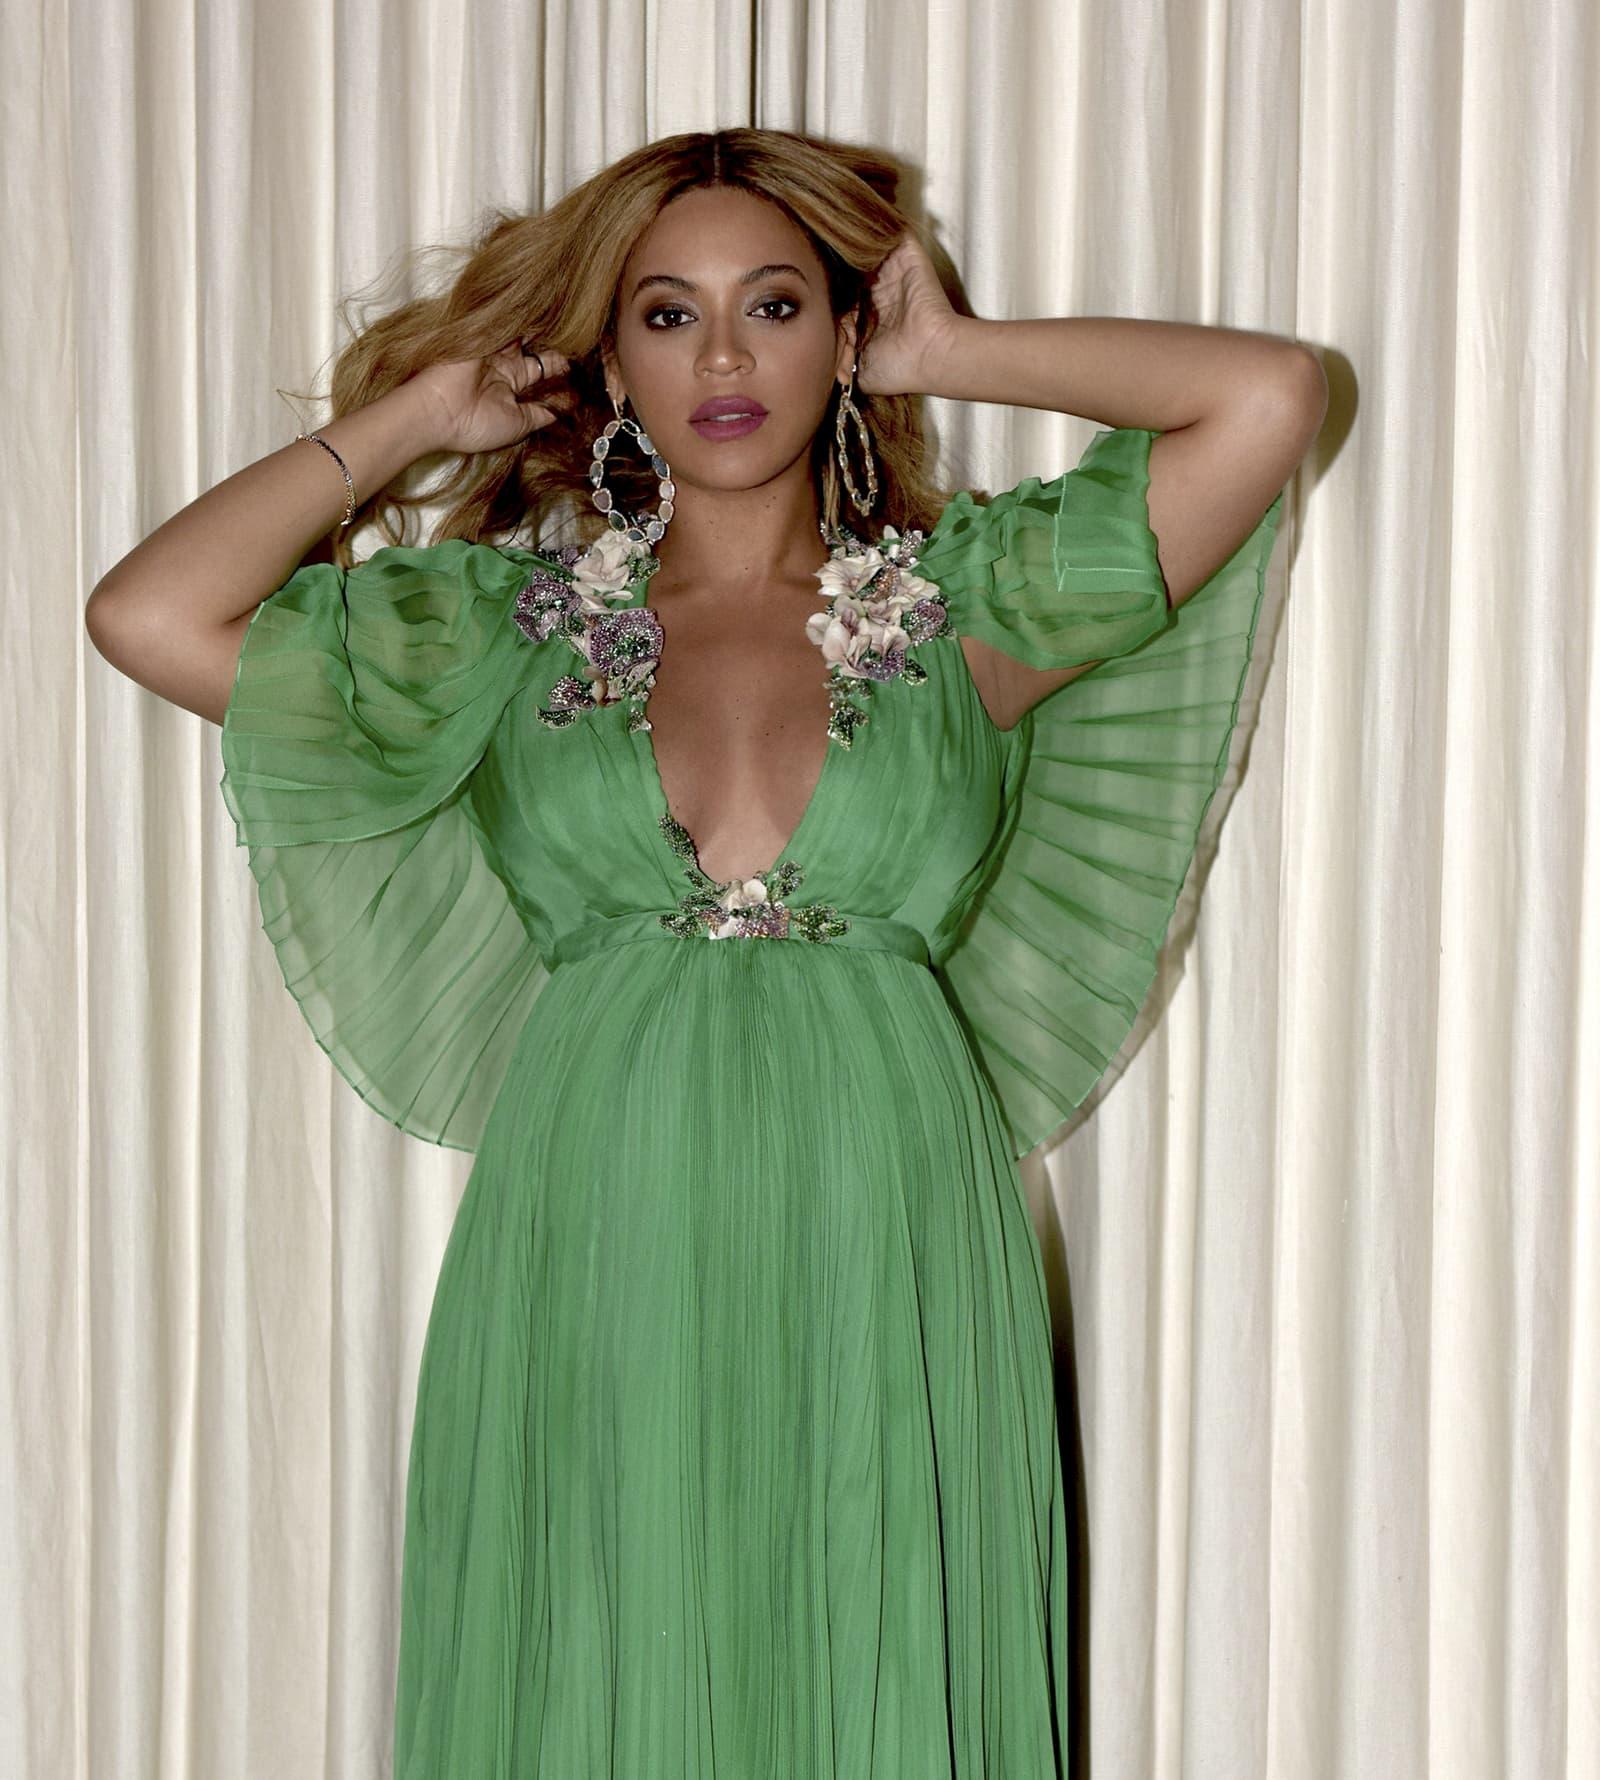 (foto: Beyonce.com)